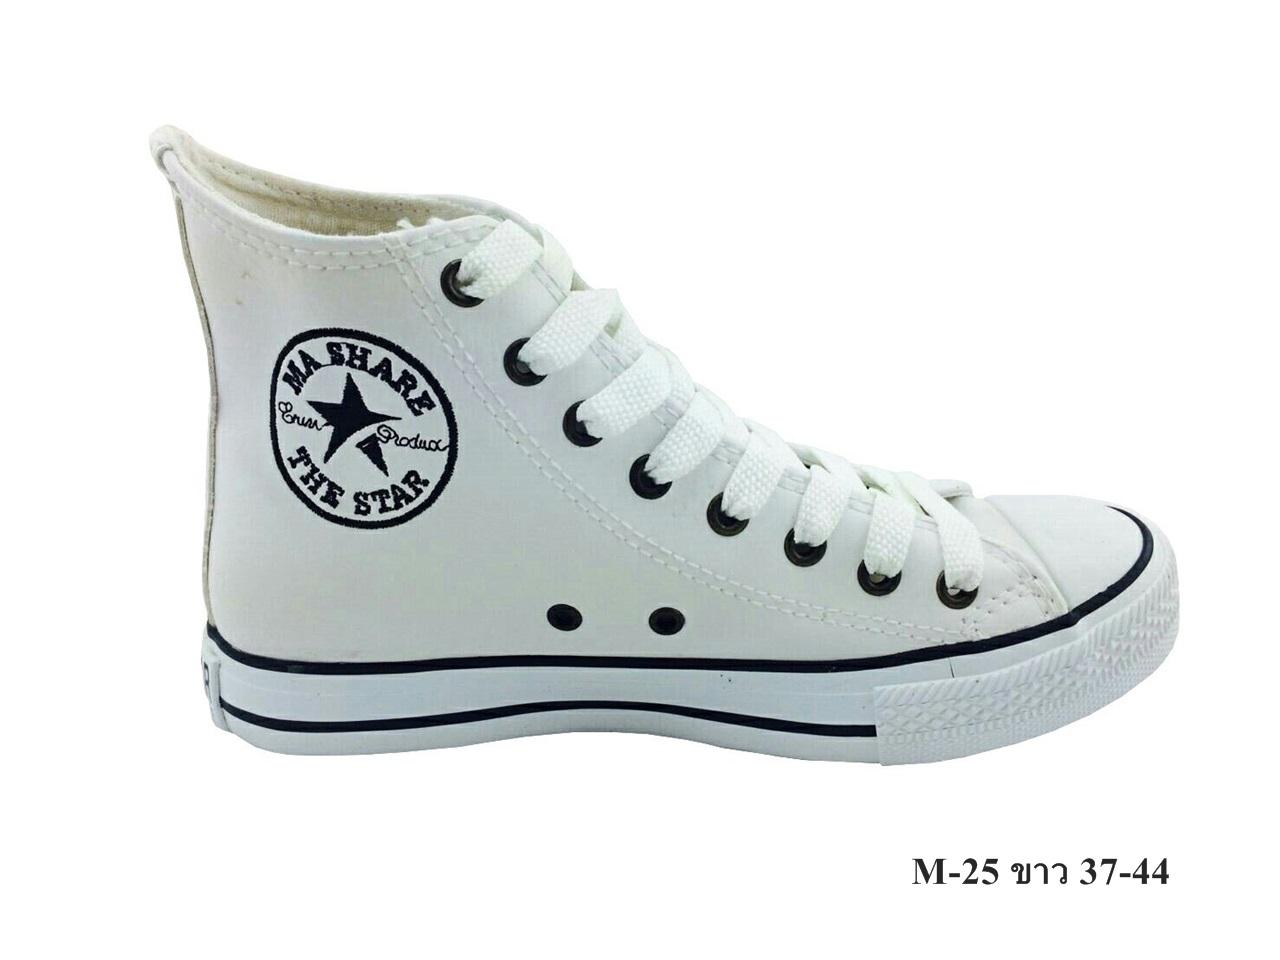 [พร้อมส่ง] รองเท้าผ้าใบแฟชั่น (หุ้มข้อ) รุ่น M-25 สีขาว แบบหนัง